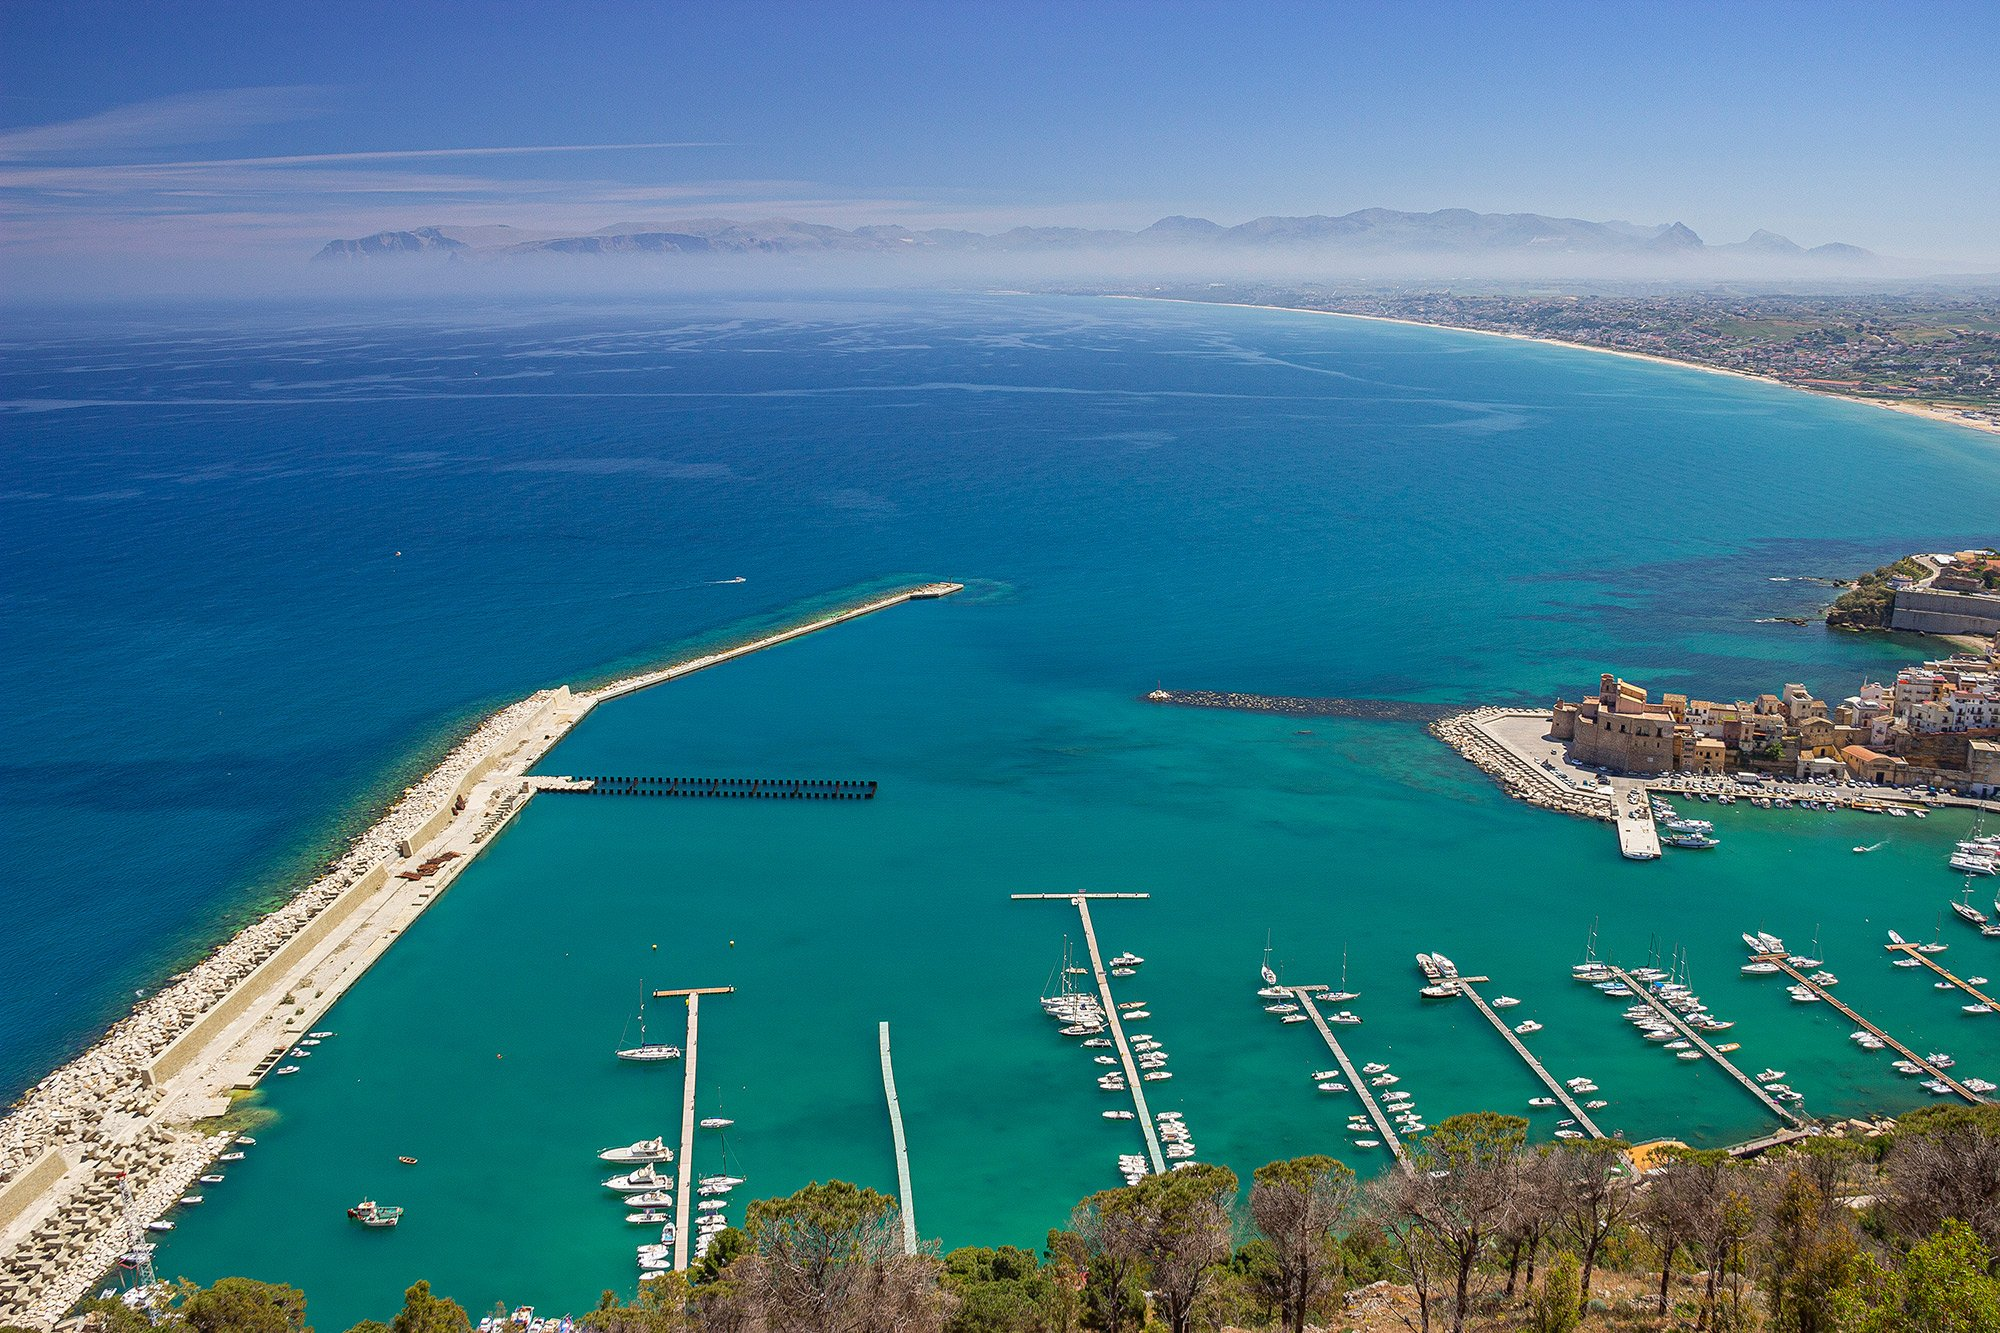 Castellamarre del Golfo in Sicily, Italy